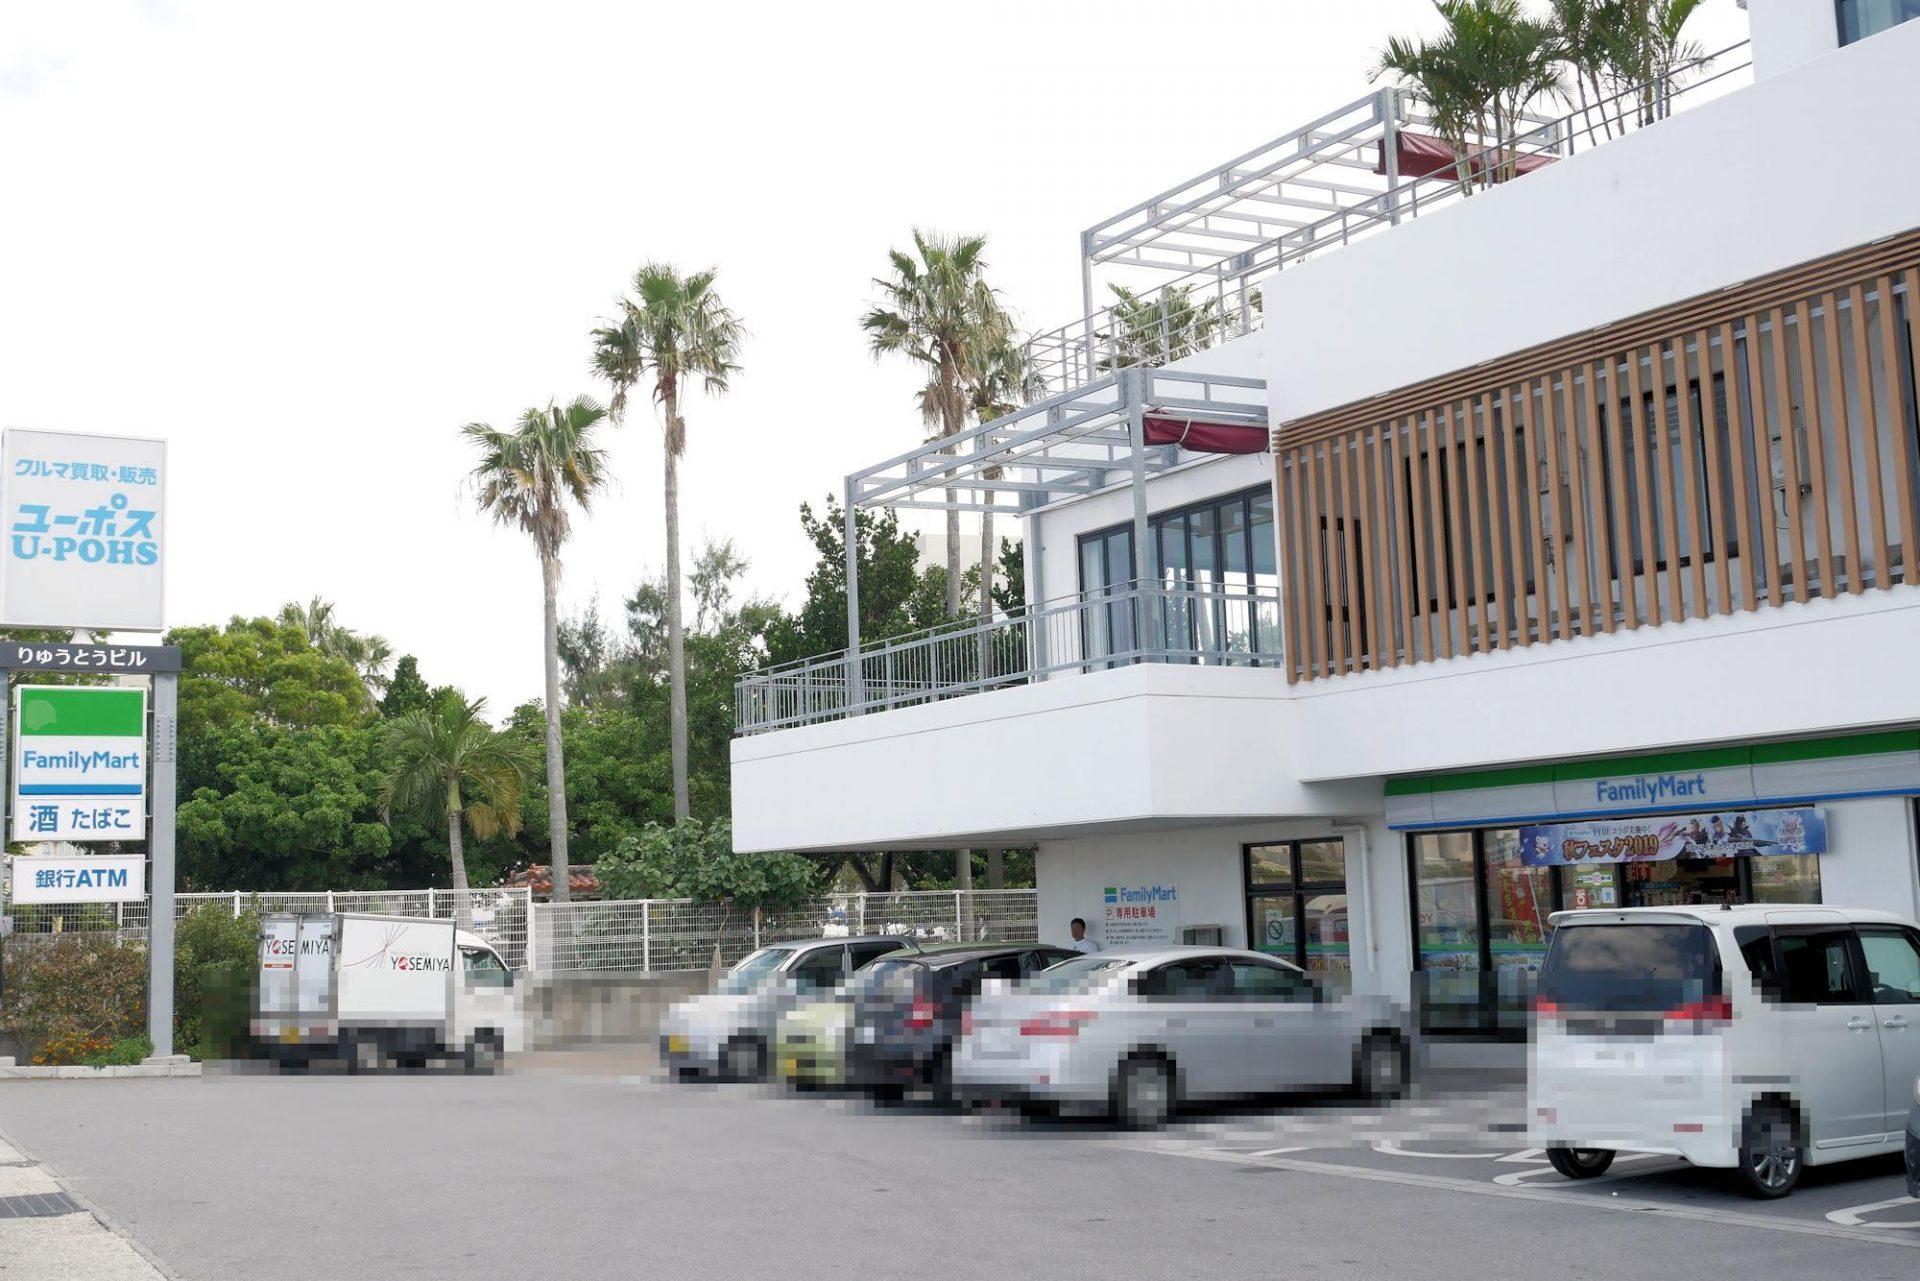 ファミリーマート奥武山店